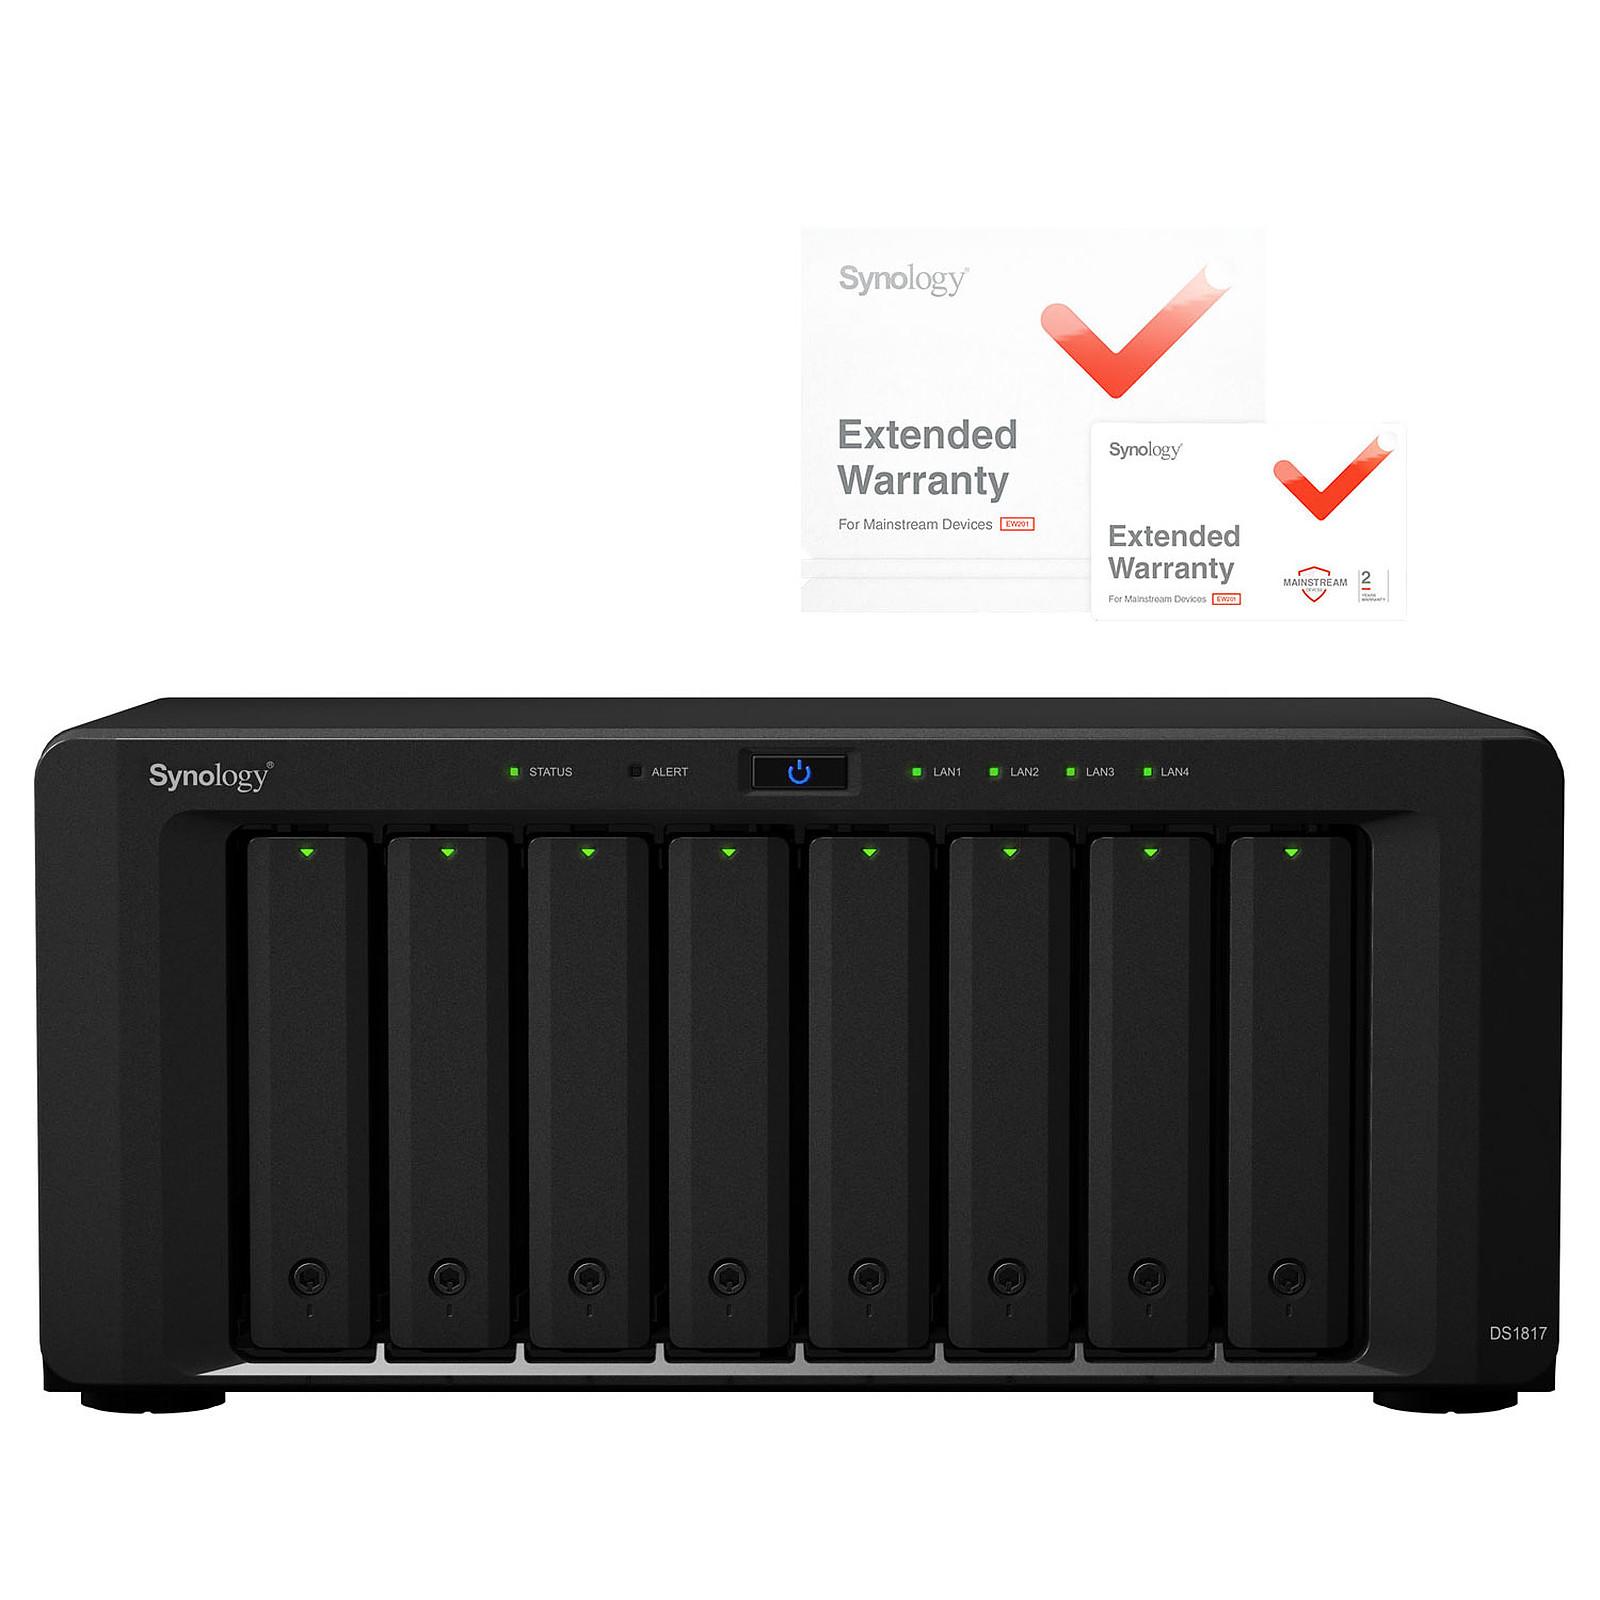 Synology DiskStation DS1817 avec extension de garantie 2 ans